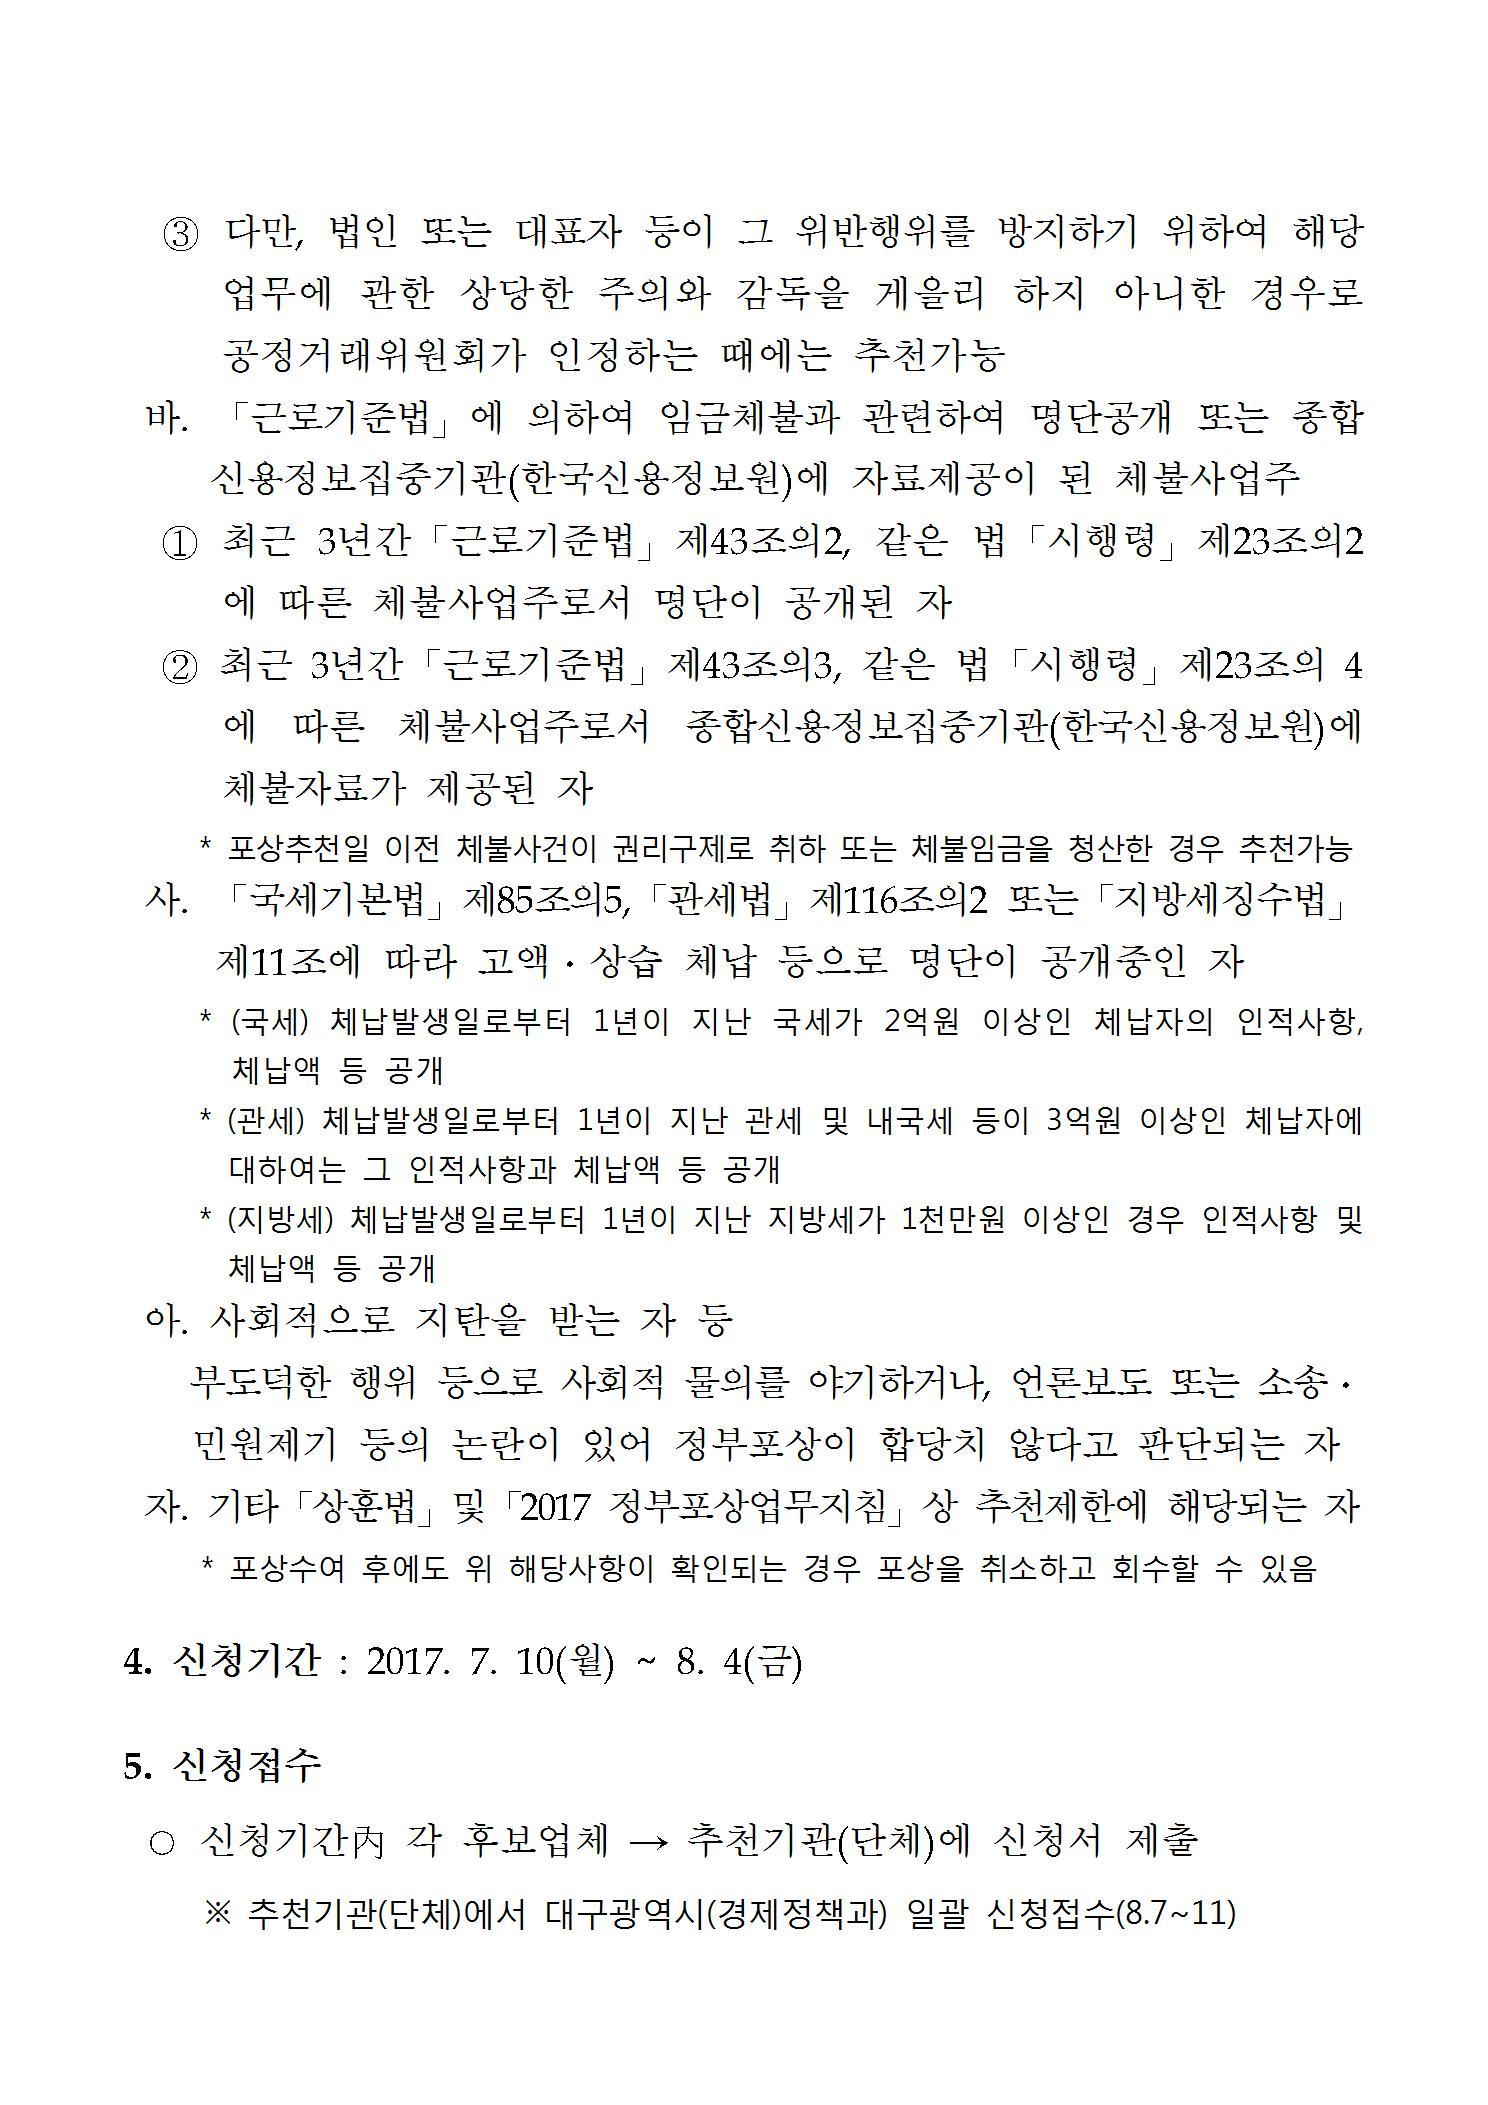 (공고문)_2017년 대구광역시 중소기업대상 공모003.jpg